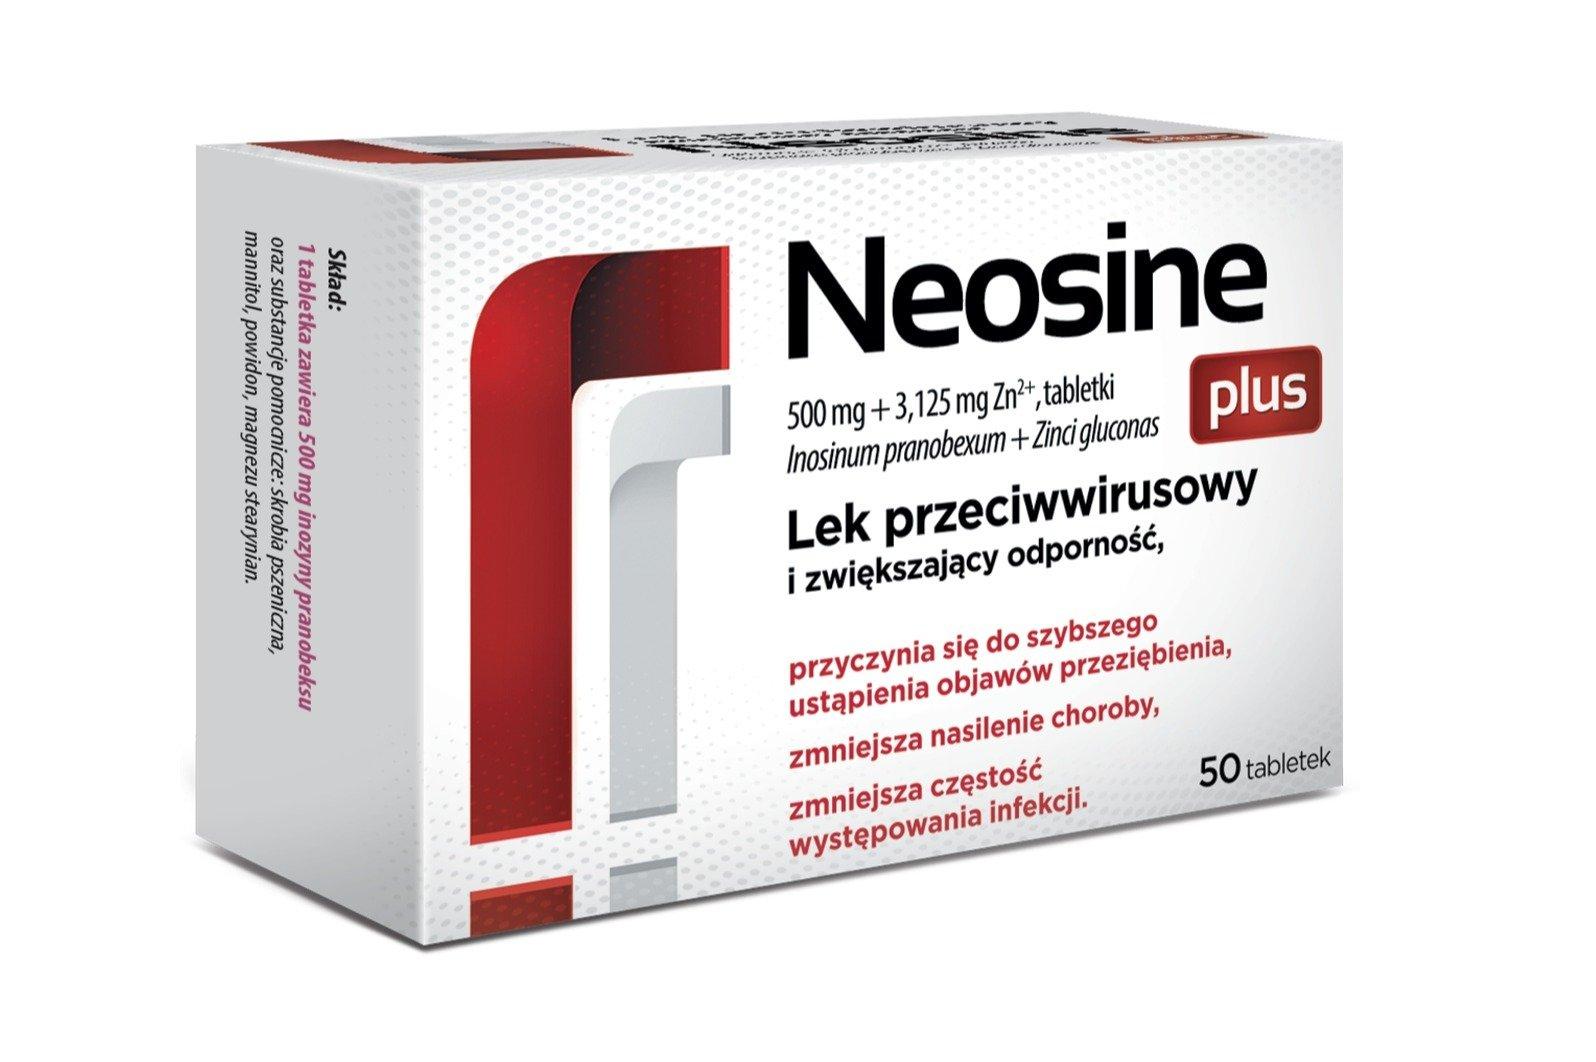 Neosine plus - nowy lek OTC w naszym portfolio